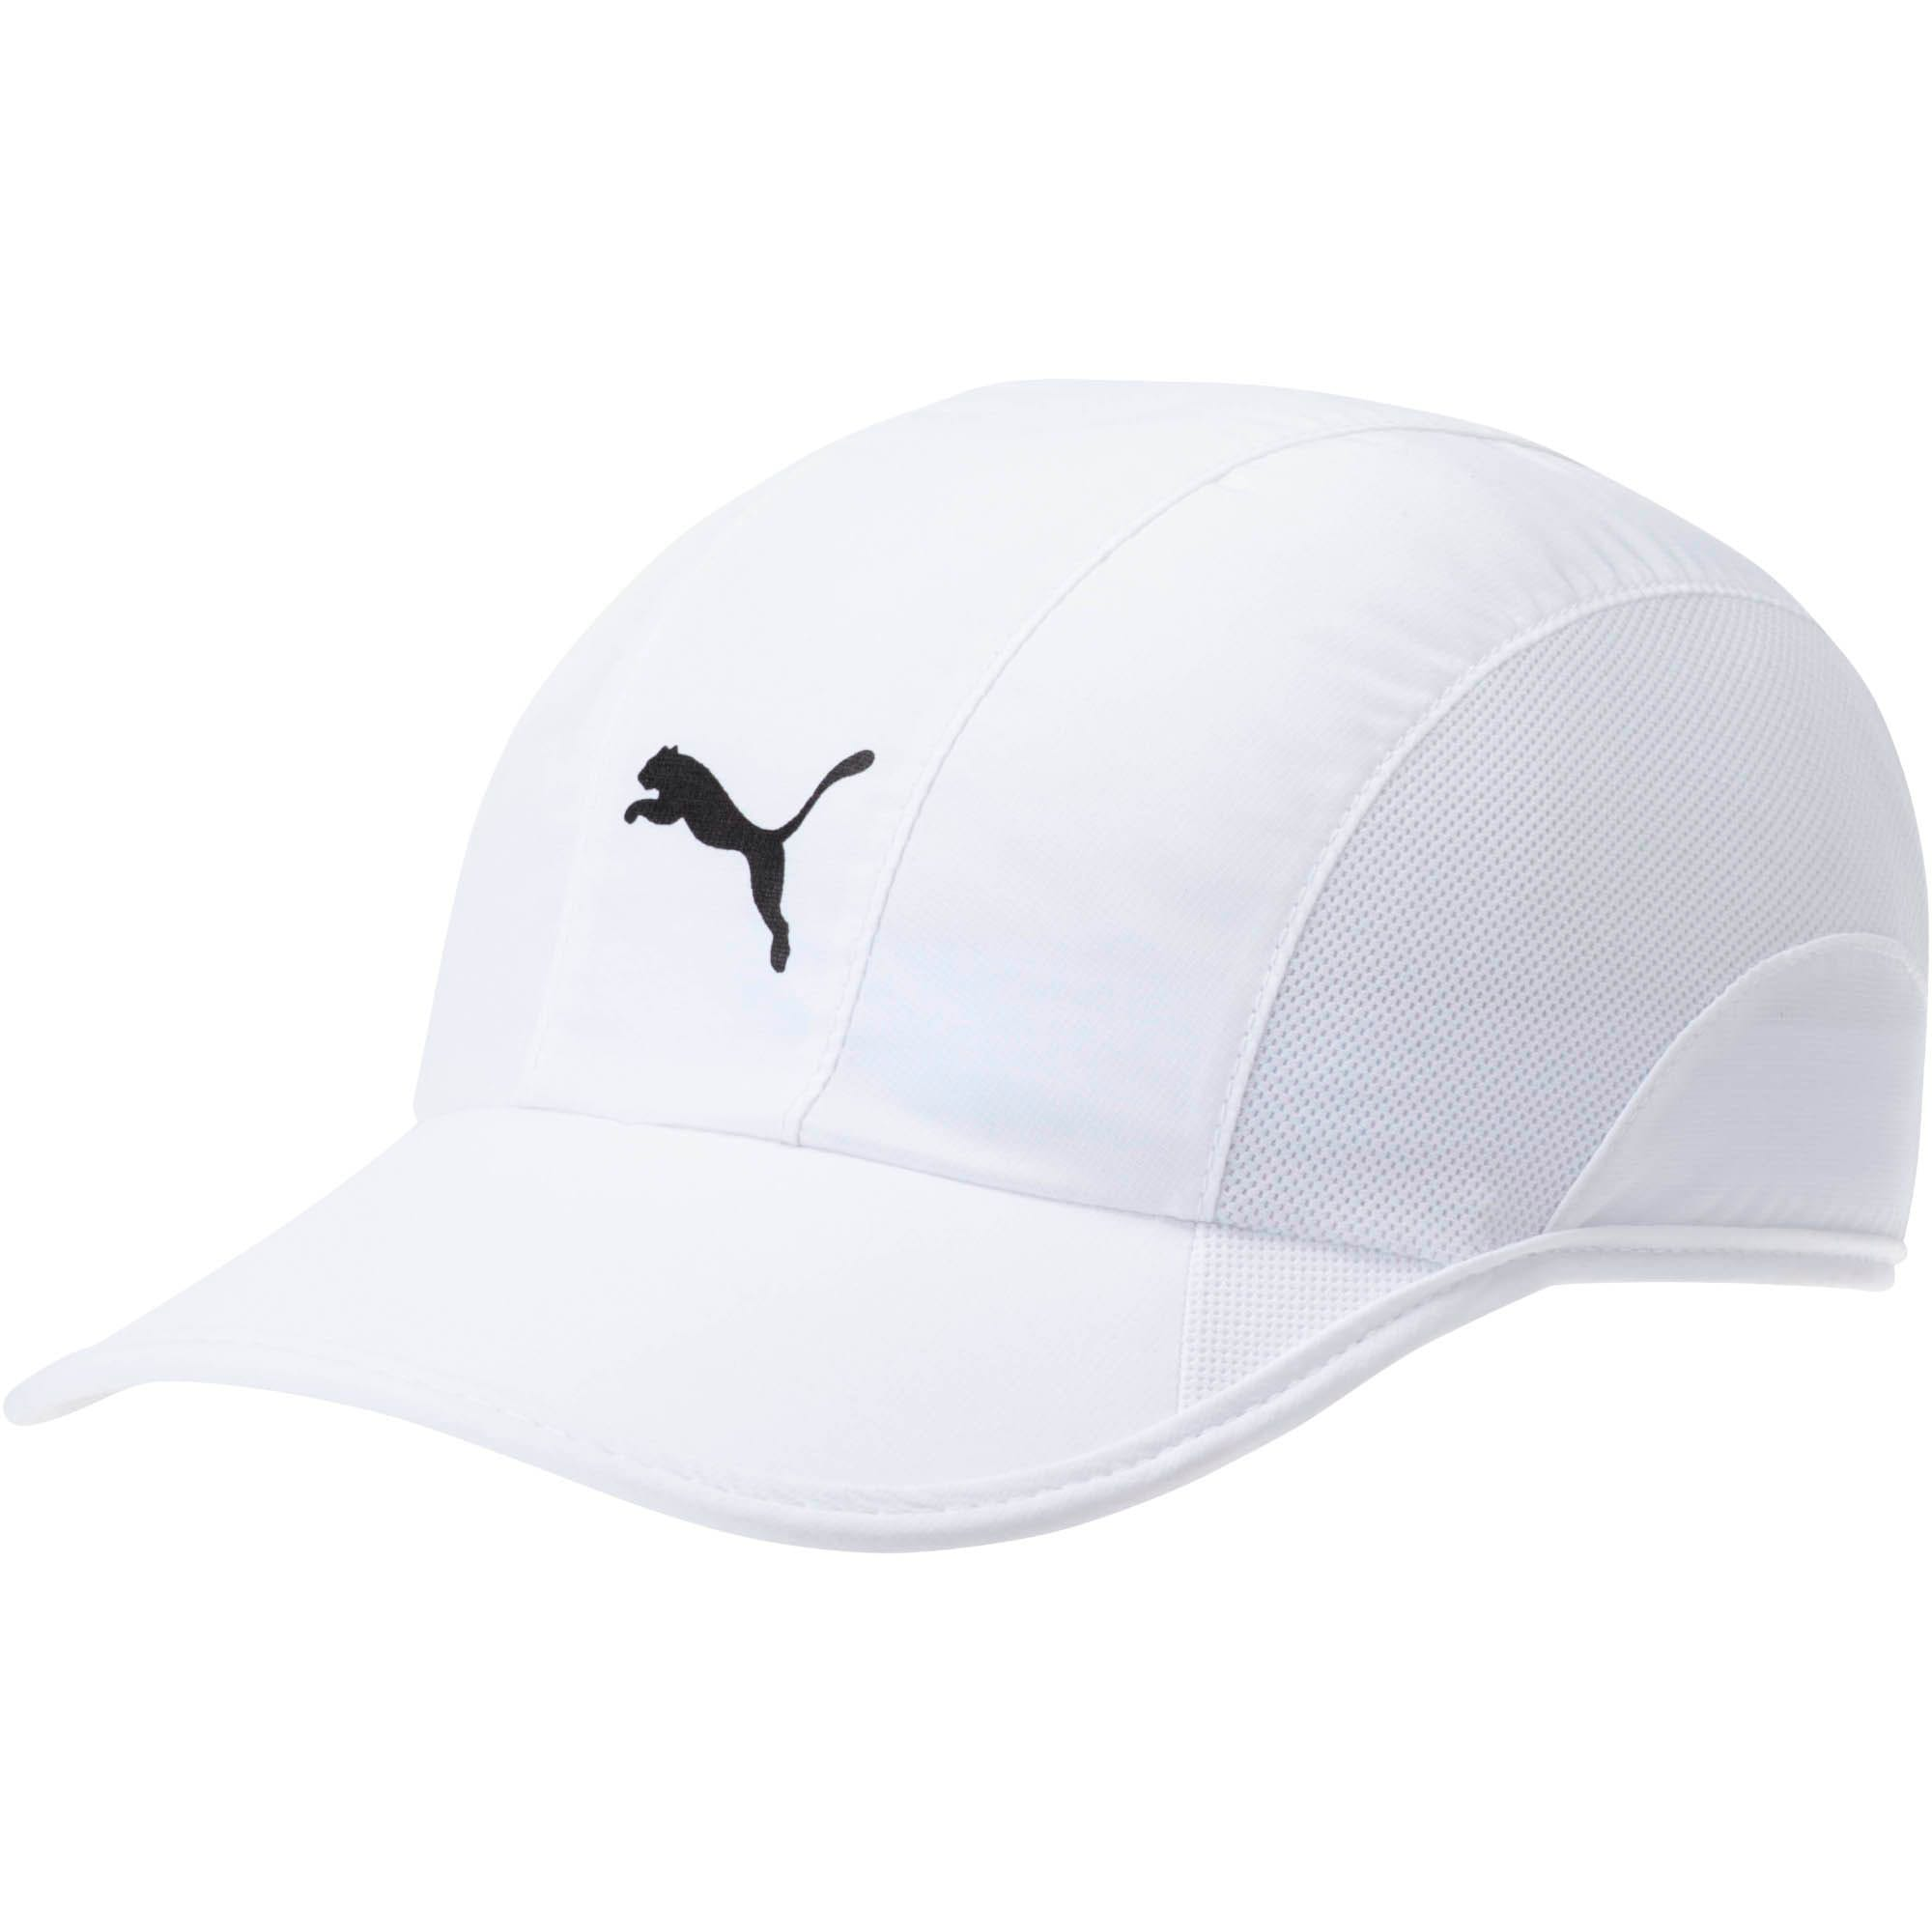 Thumbnail 1 of Lightweight Runner Hat, White, medium